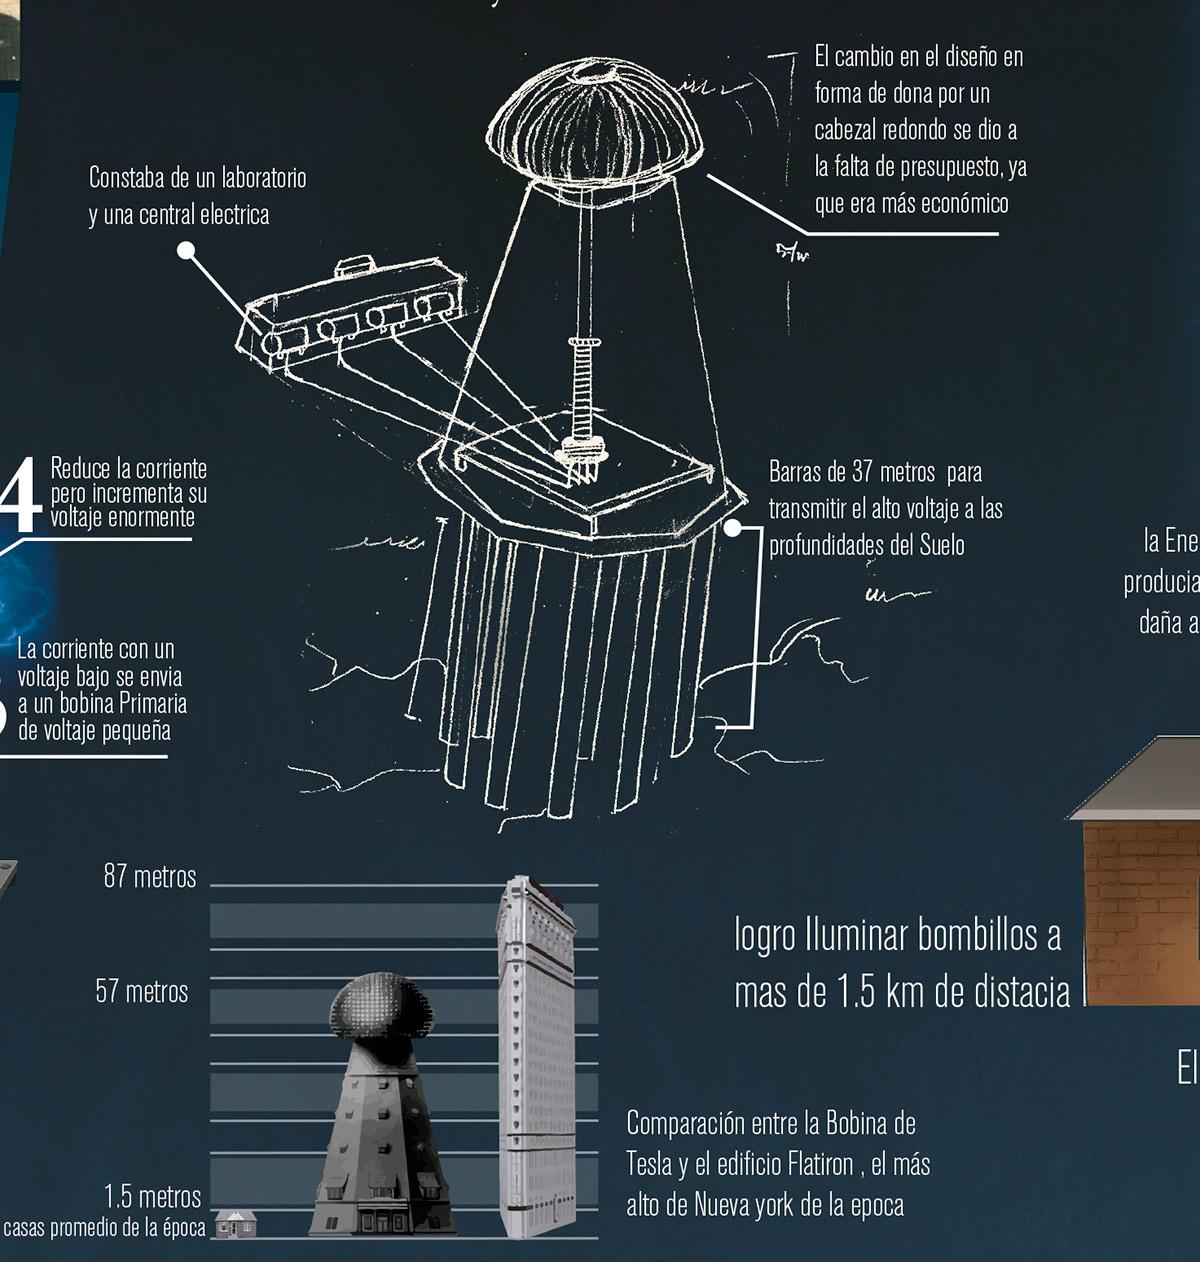 Circuito Bobina De Tesla : Bobina de tesla on behance